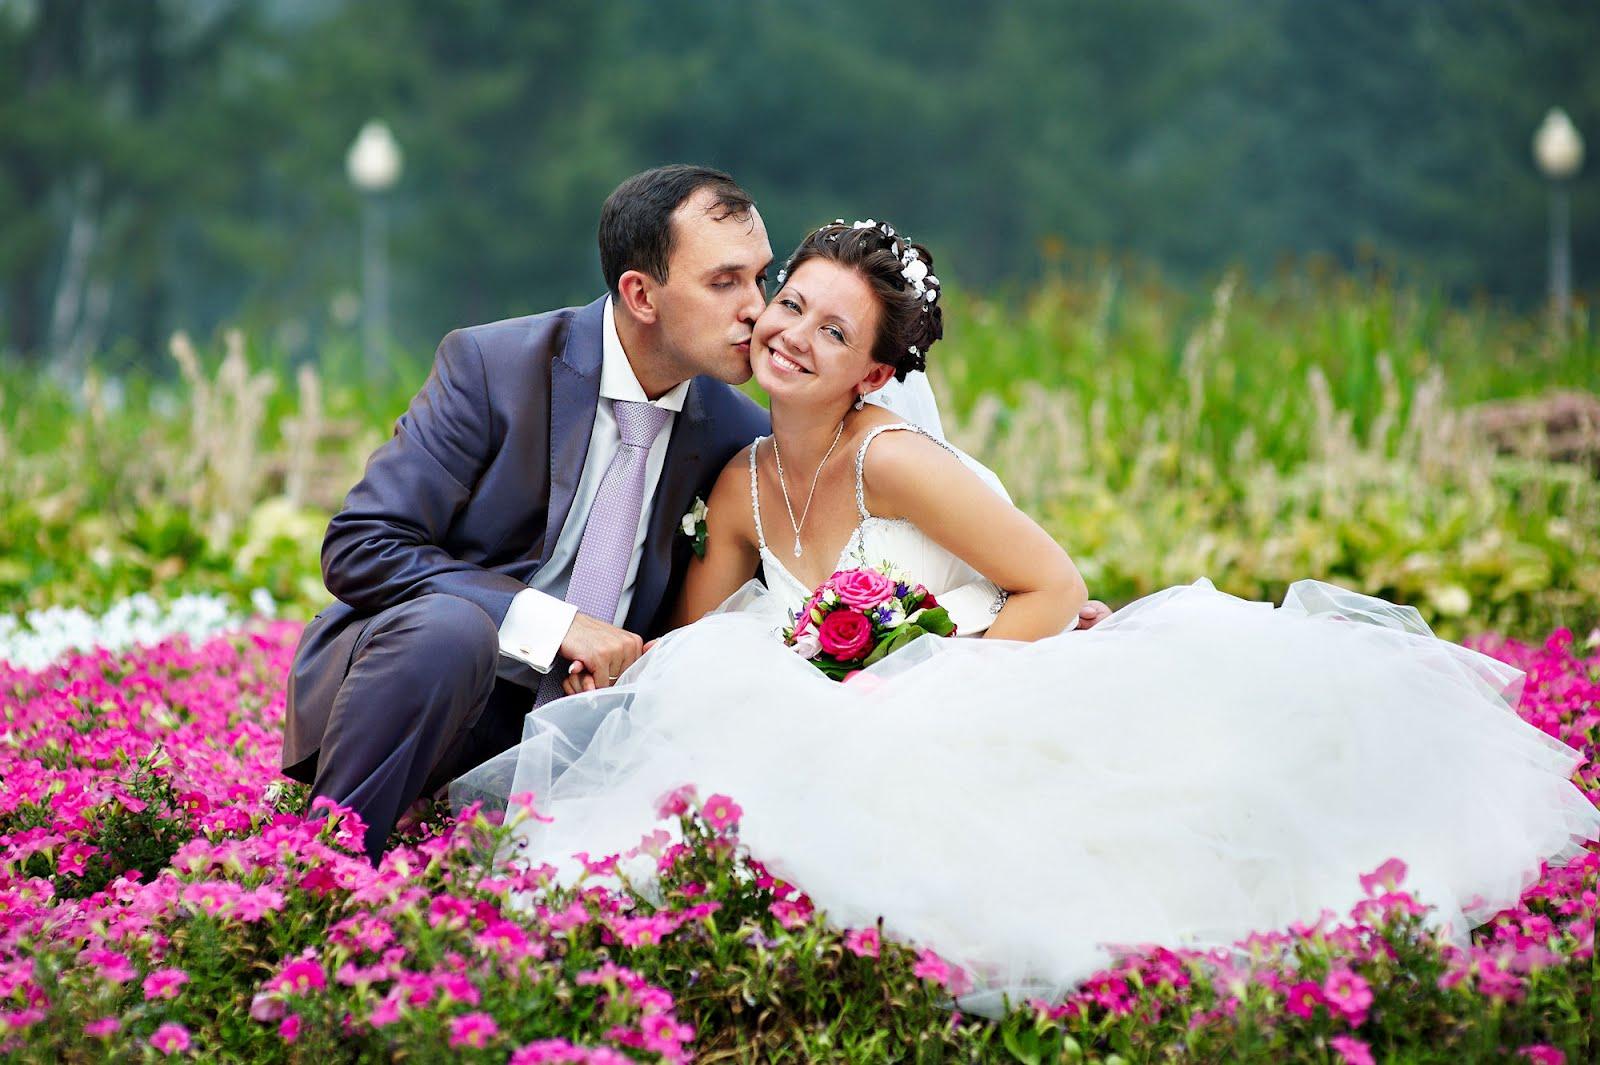 10 sitios para buscar pareja - Clarn